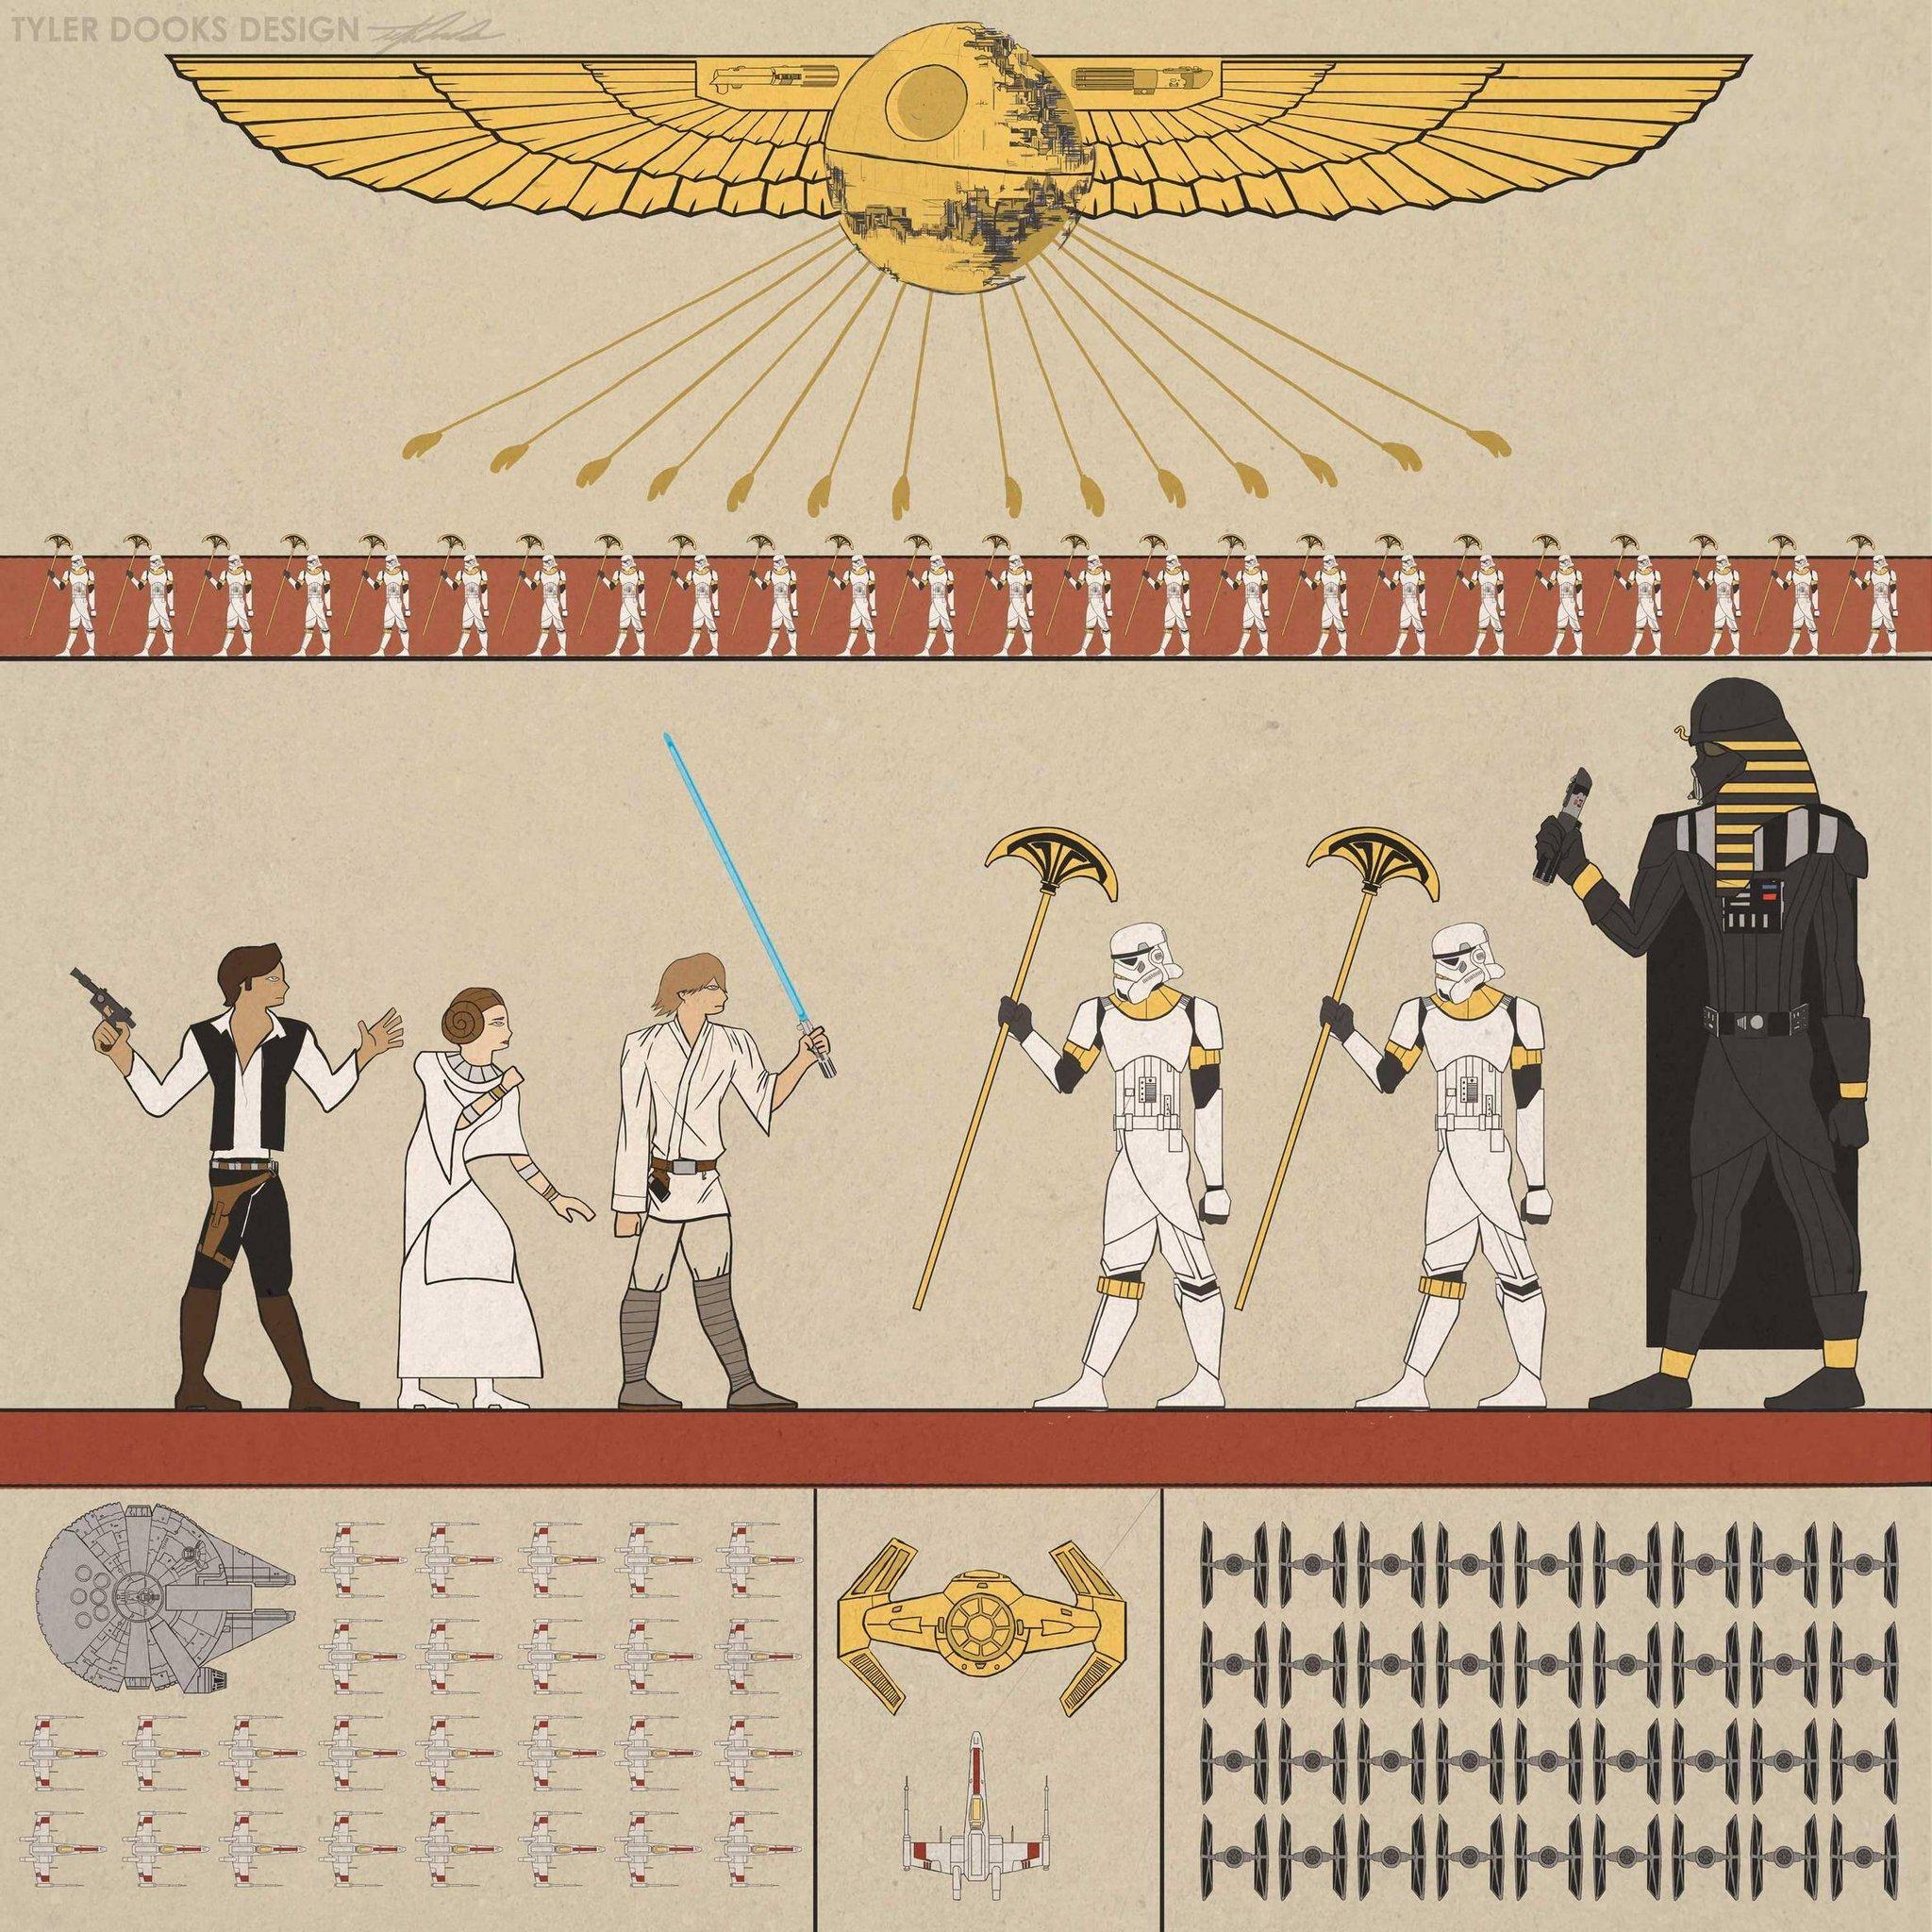 Разумеется, Дарт Вейдер тоже спокойно существовал в Египте. http://t.co/11h4xGZjru